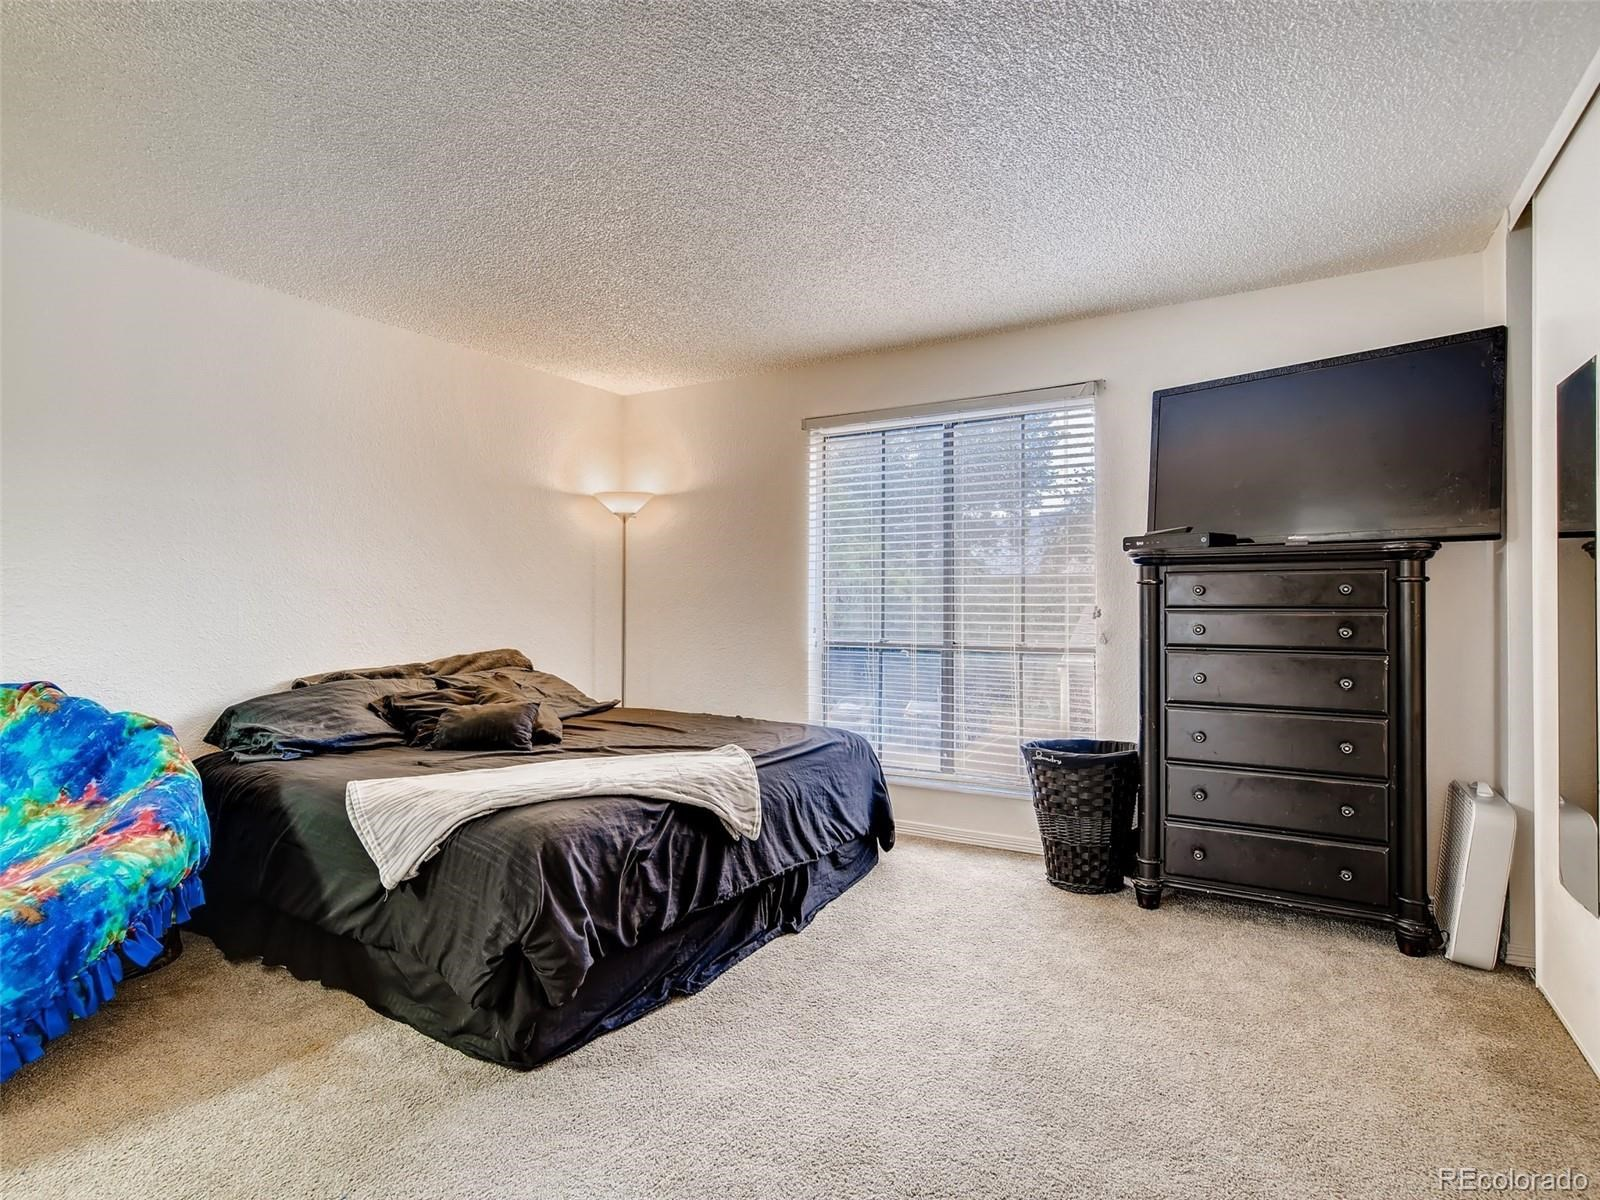 MLS# 4573563 - 10 - 3550 S Harlan Street #157, Denver, CO 80235